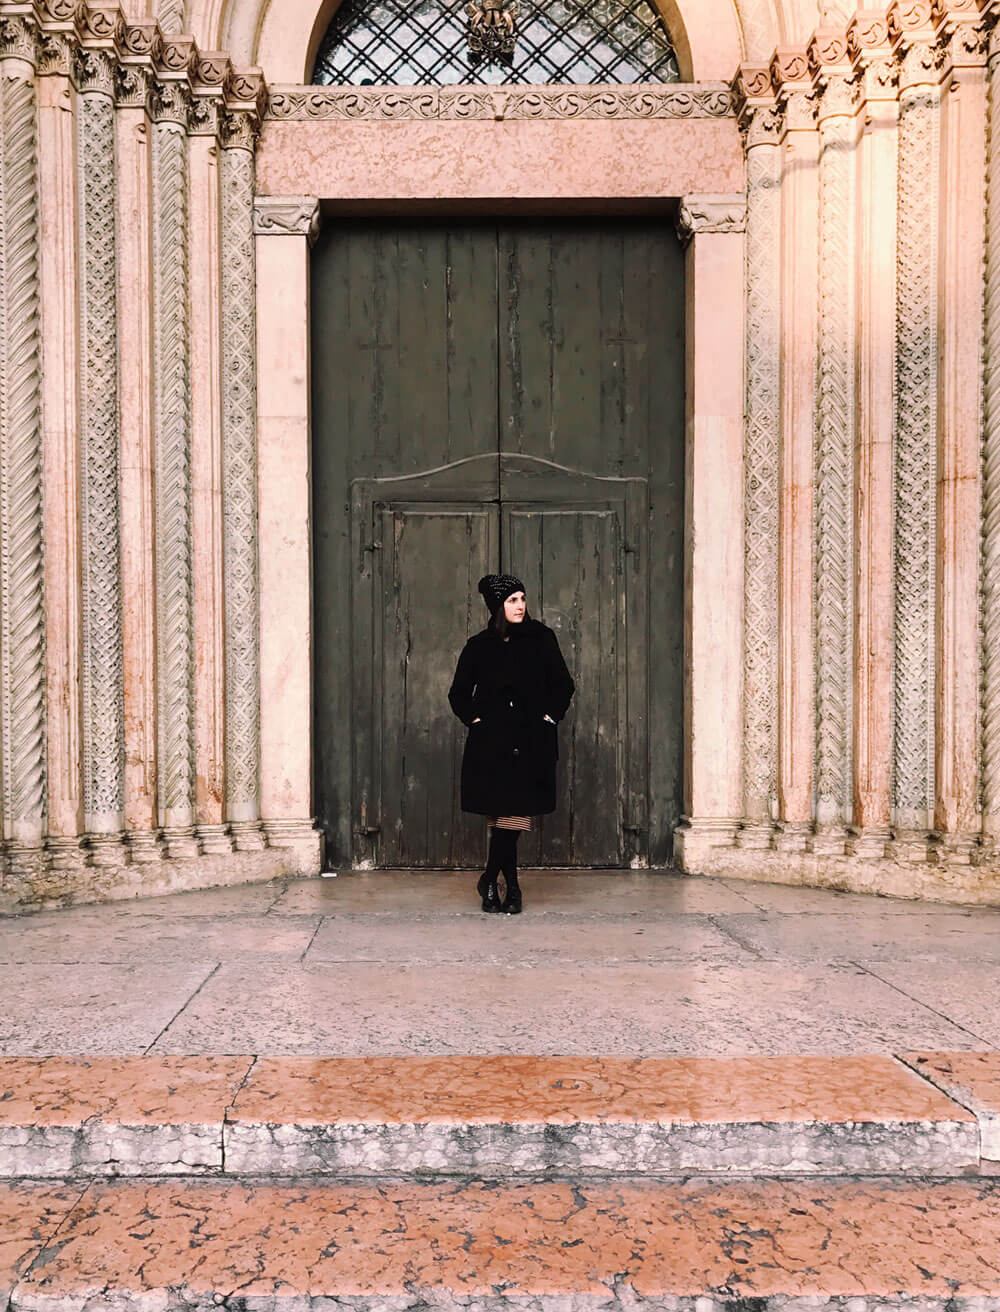 Il_Duomo_di_Modena_PortaRegia_MyModenaDiary